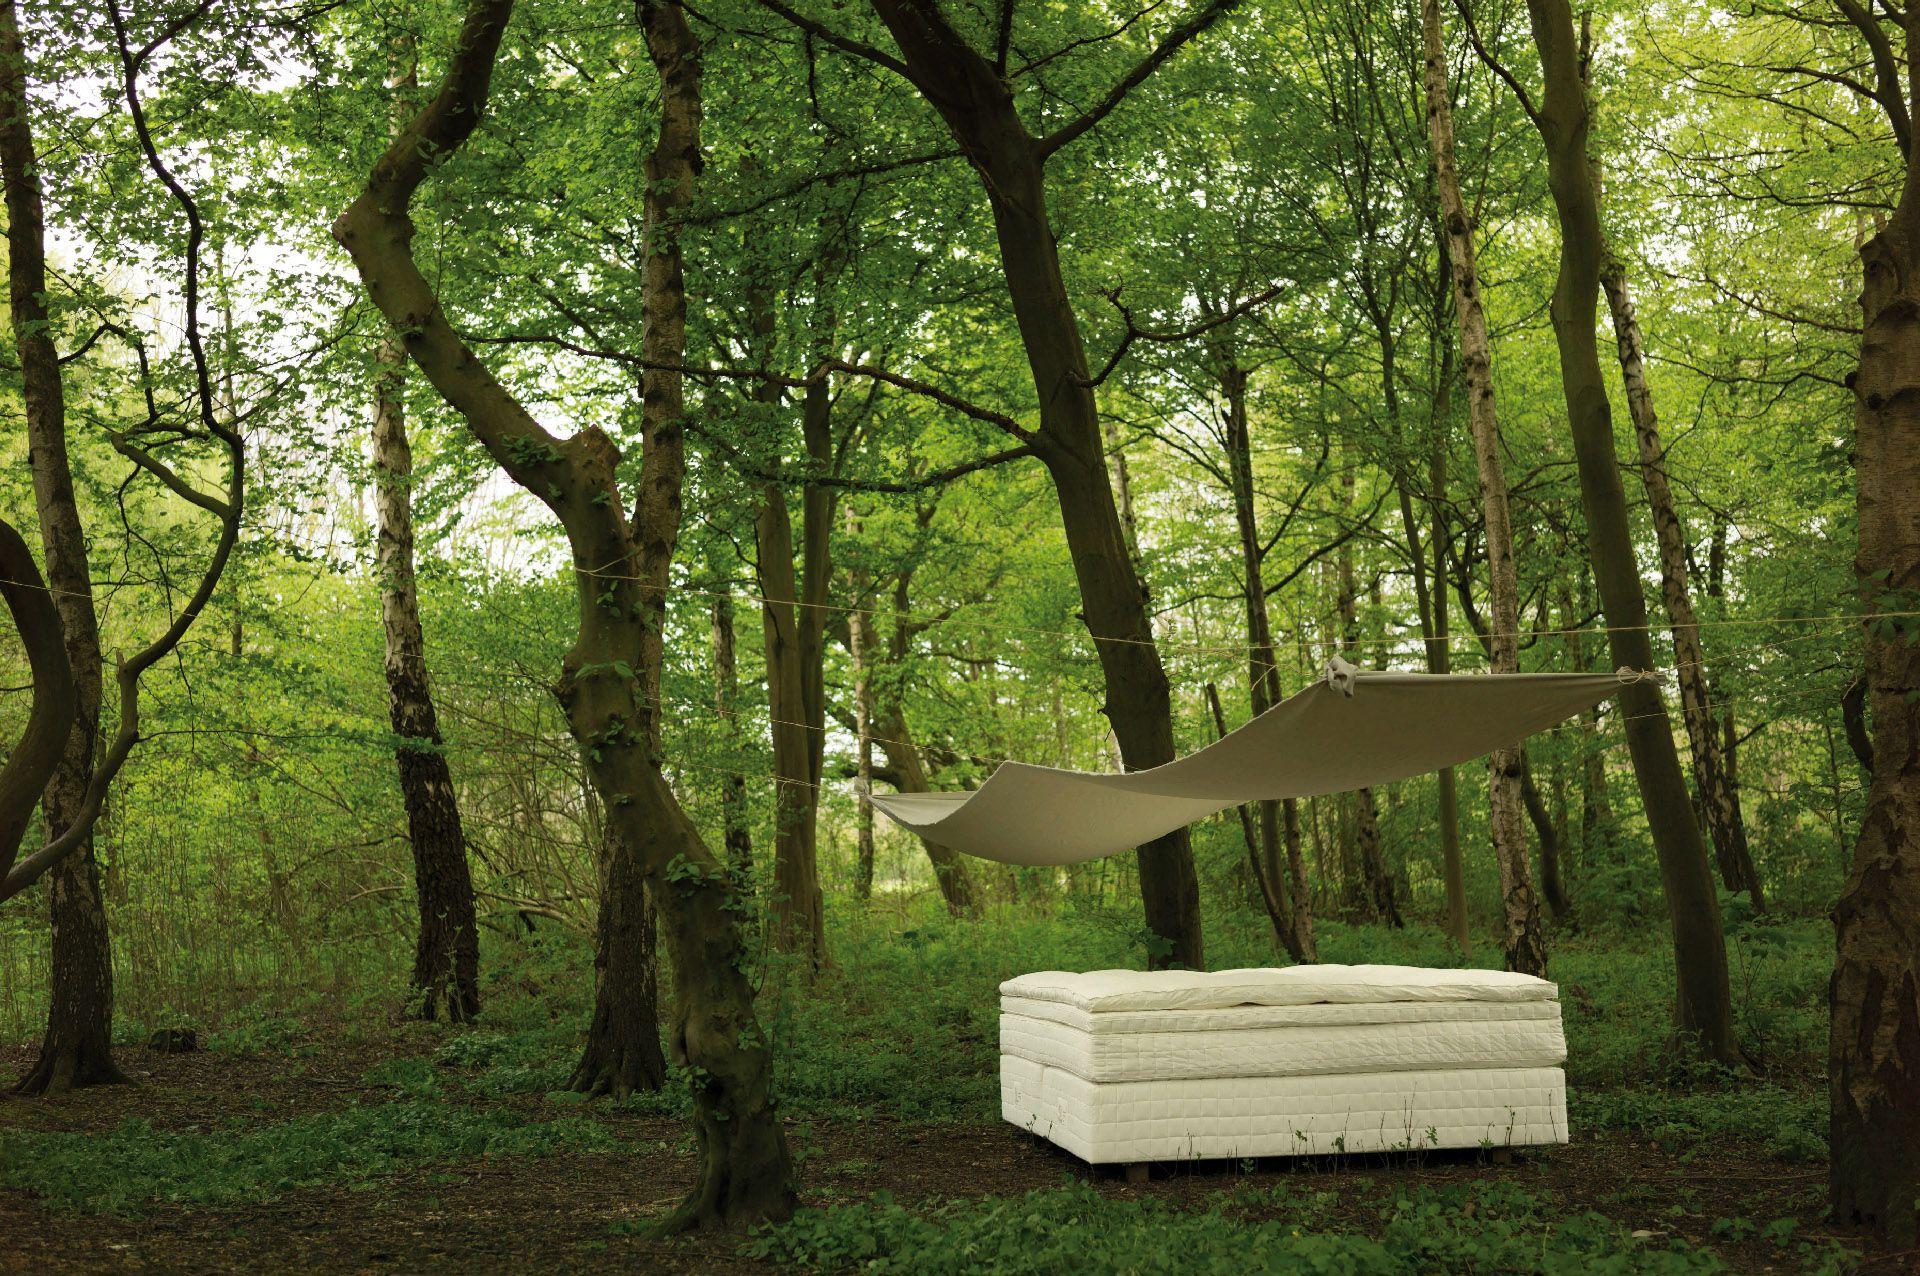 讓喬治克隆尼都愛不釋手的安縵級睡眠系統,COCO-MAT六月強勢登台!